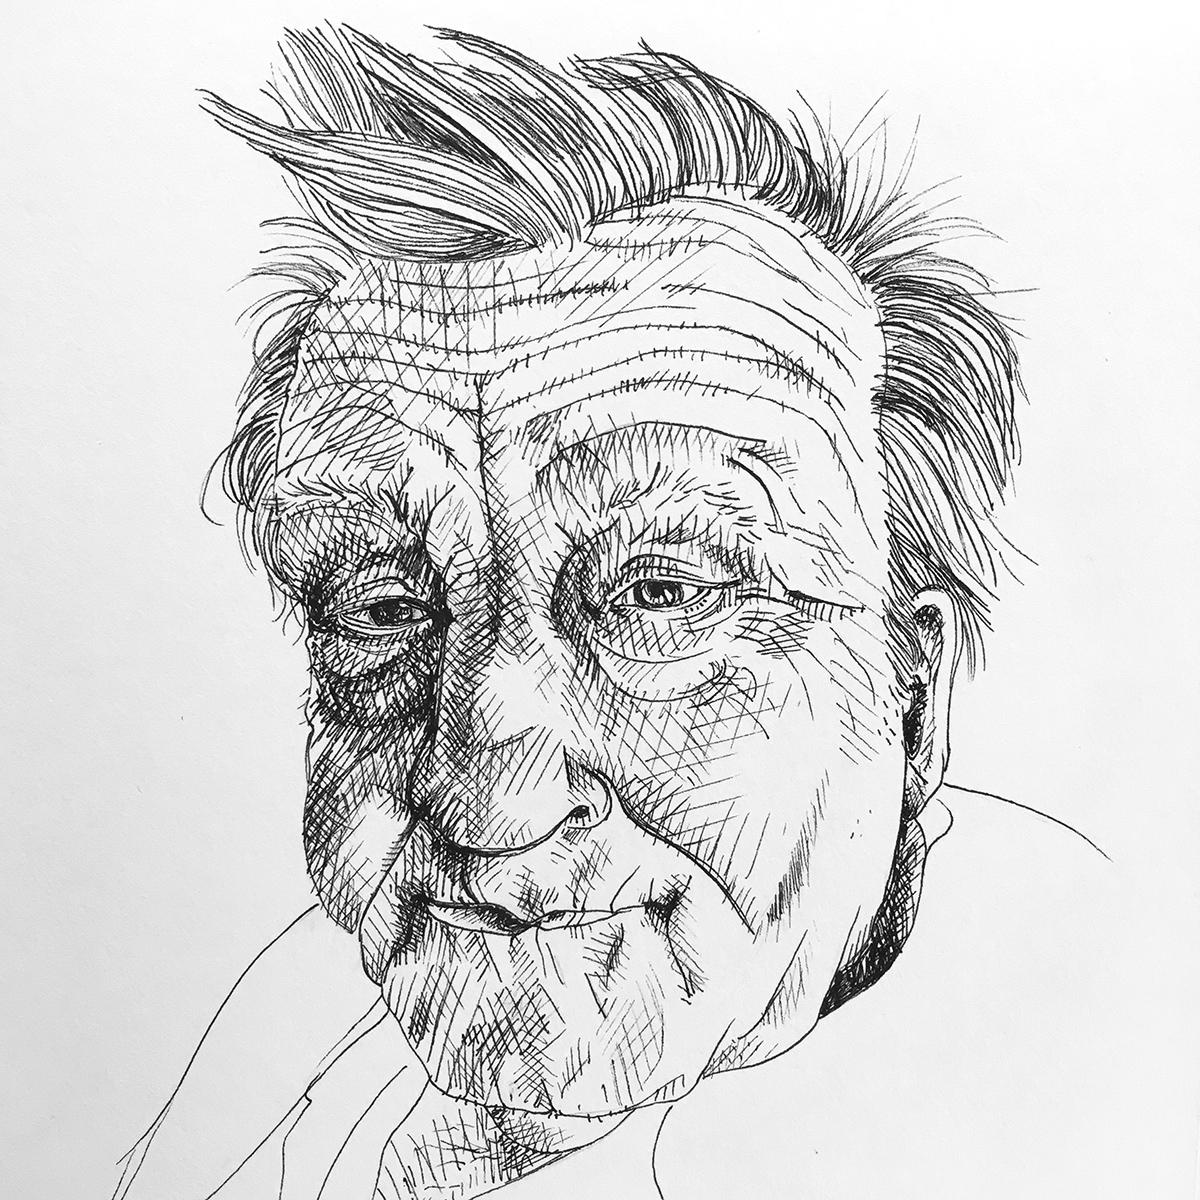 Porträt eines älteren Mannes, von Hand gezeichnet mit schwarzem Fineliner mit Schraffuren. Marina Schilling.